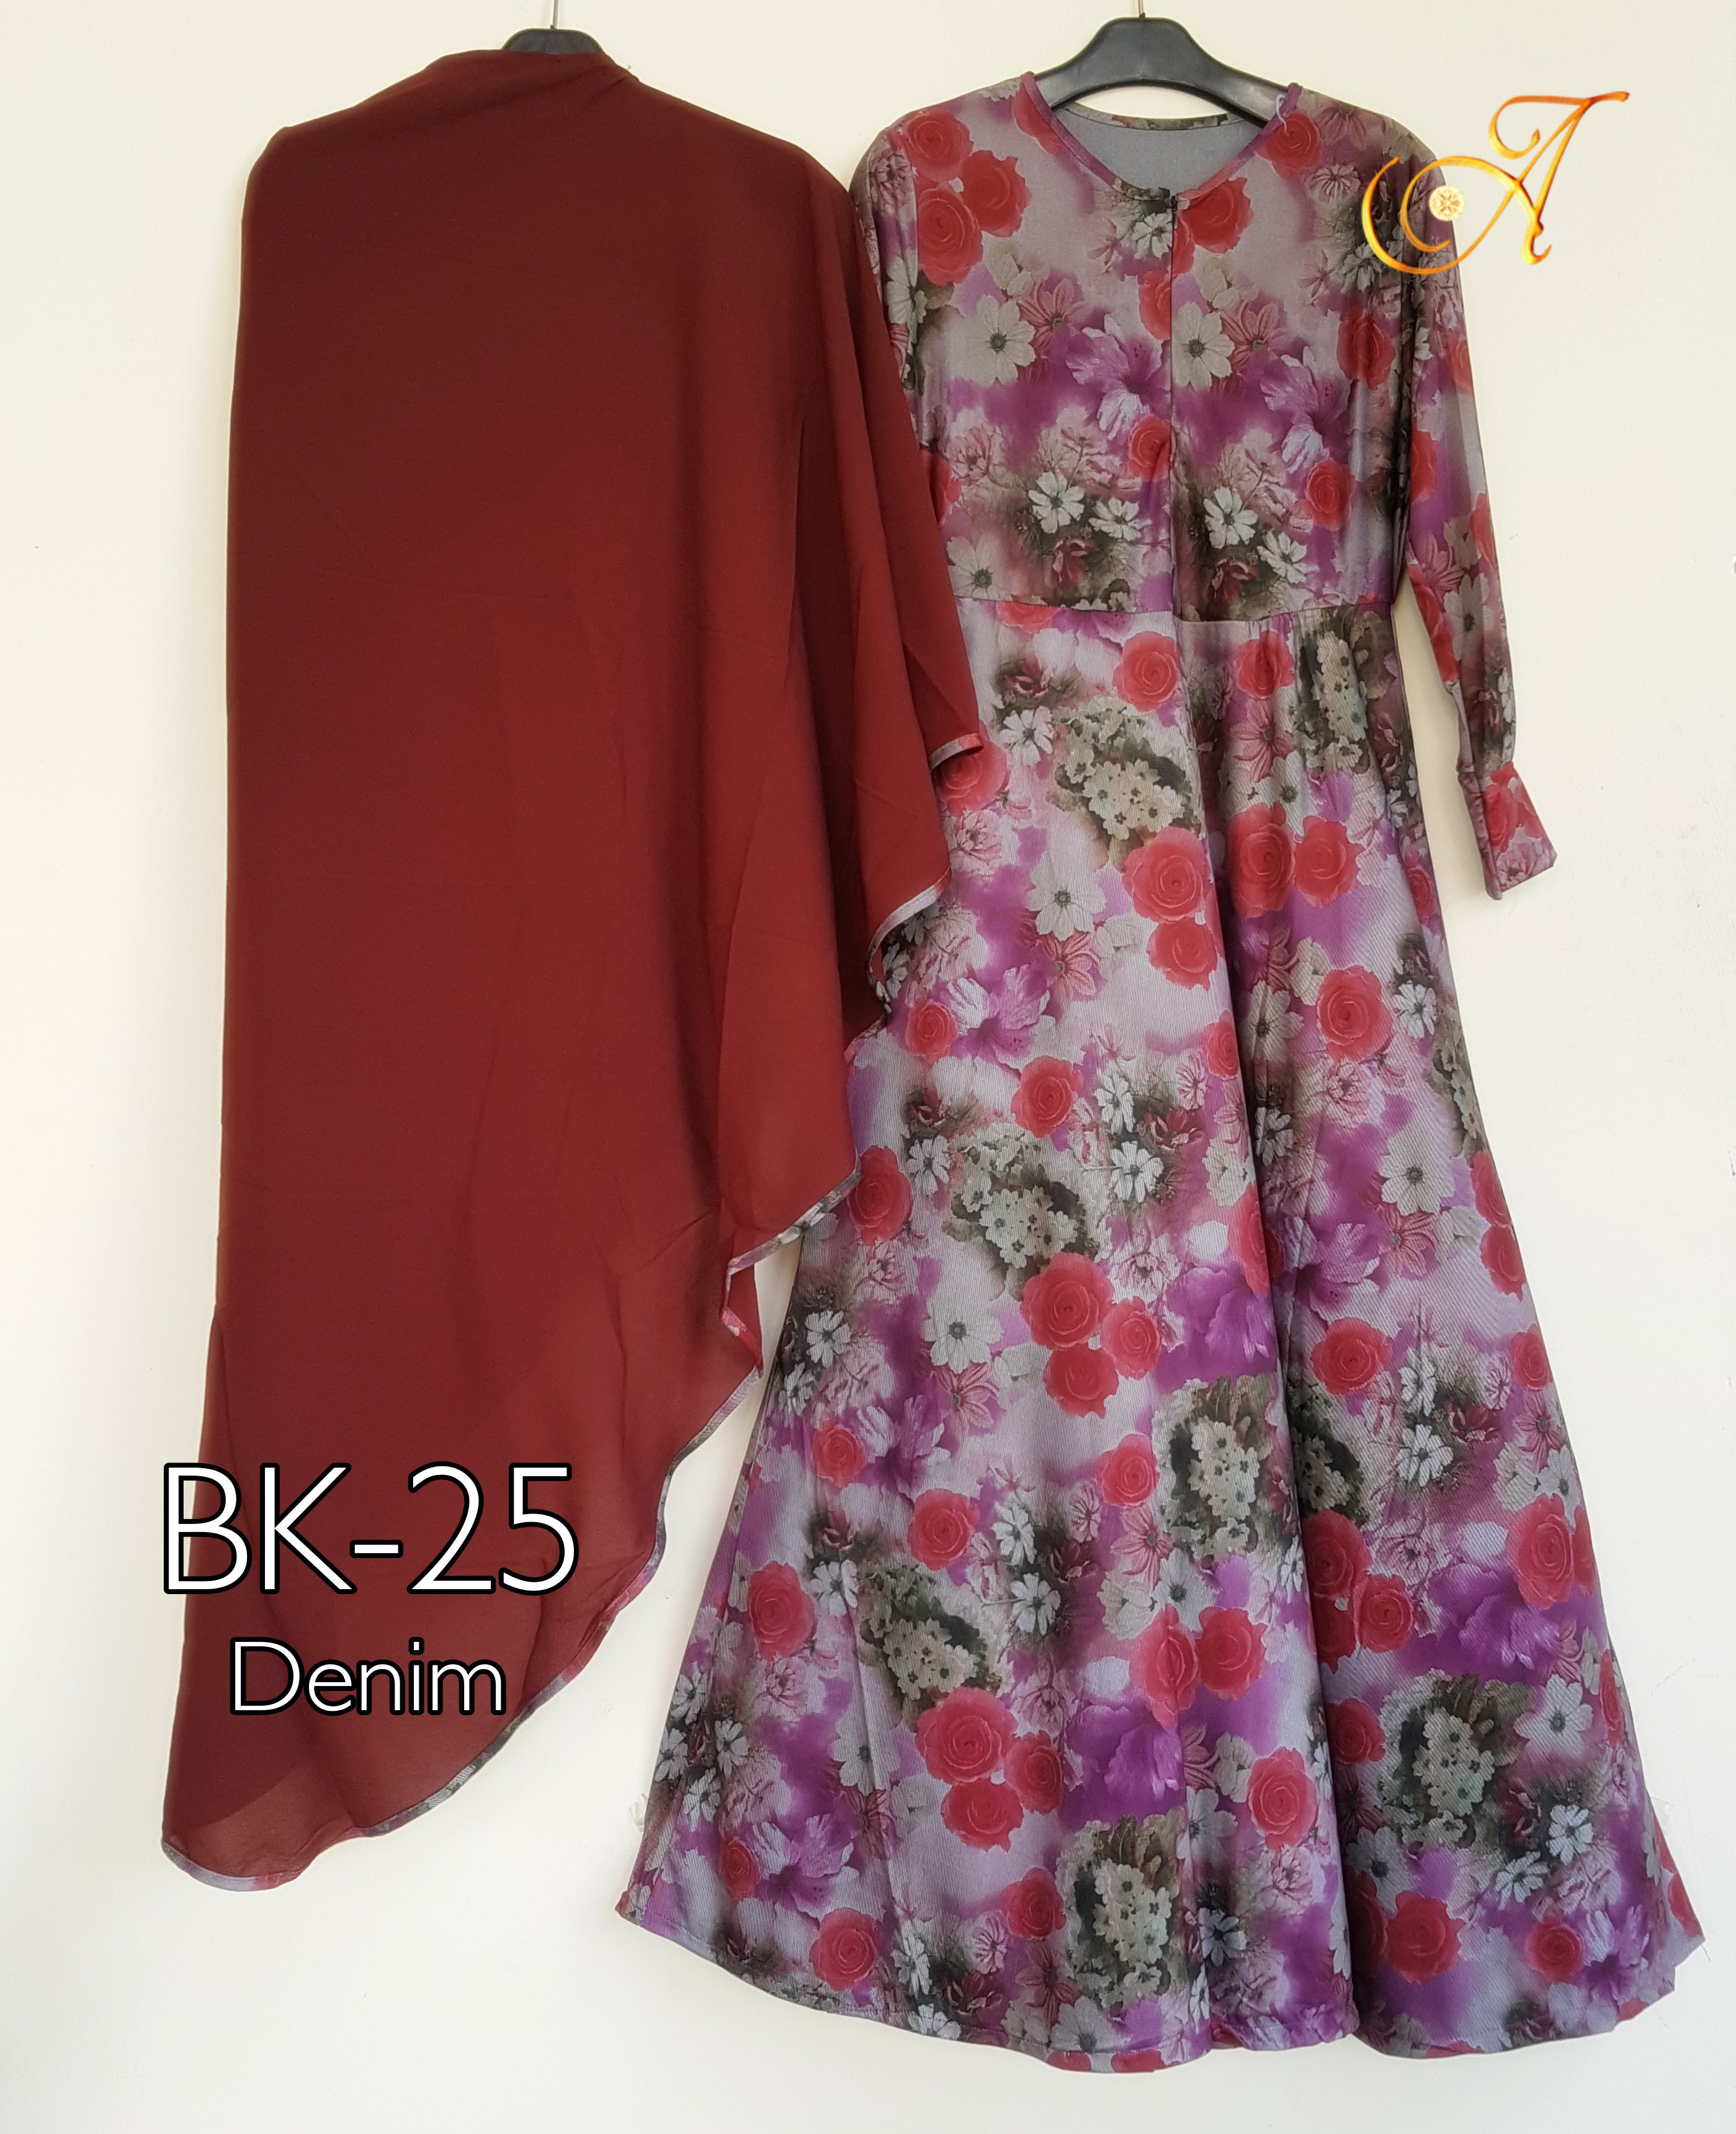 BK-25 merah